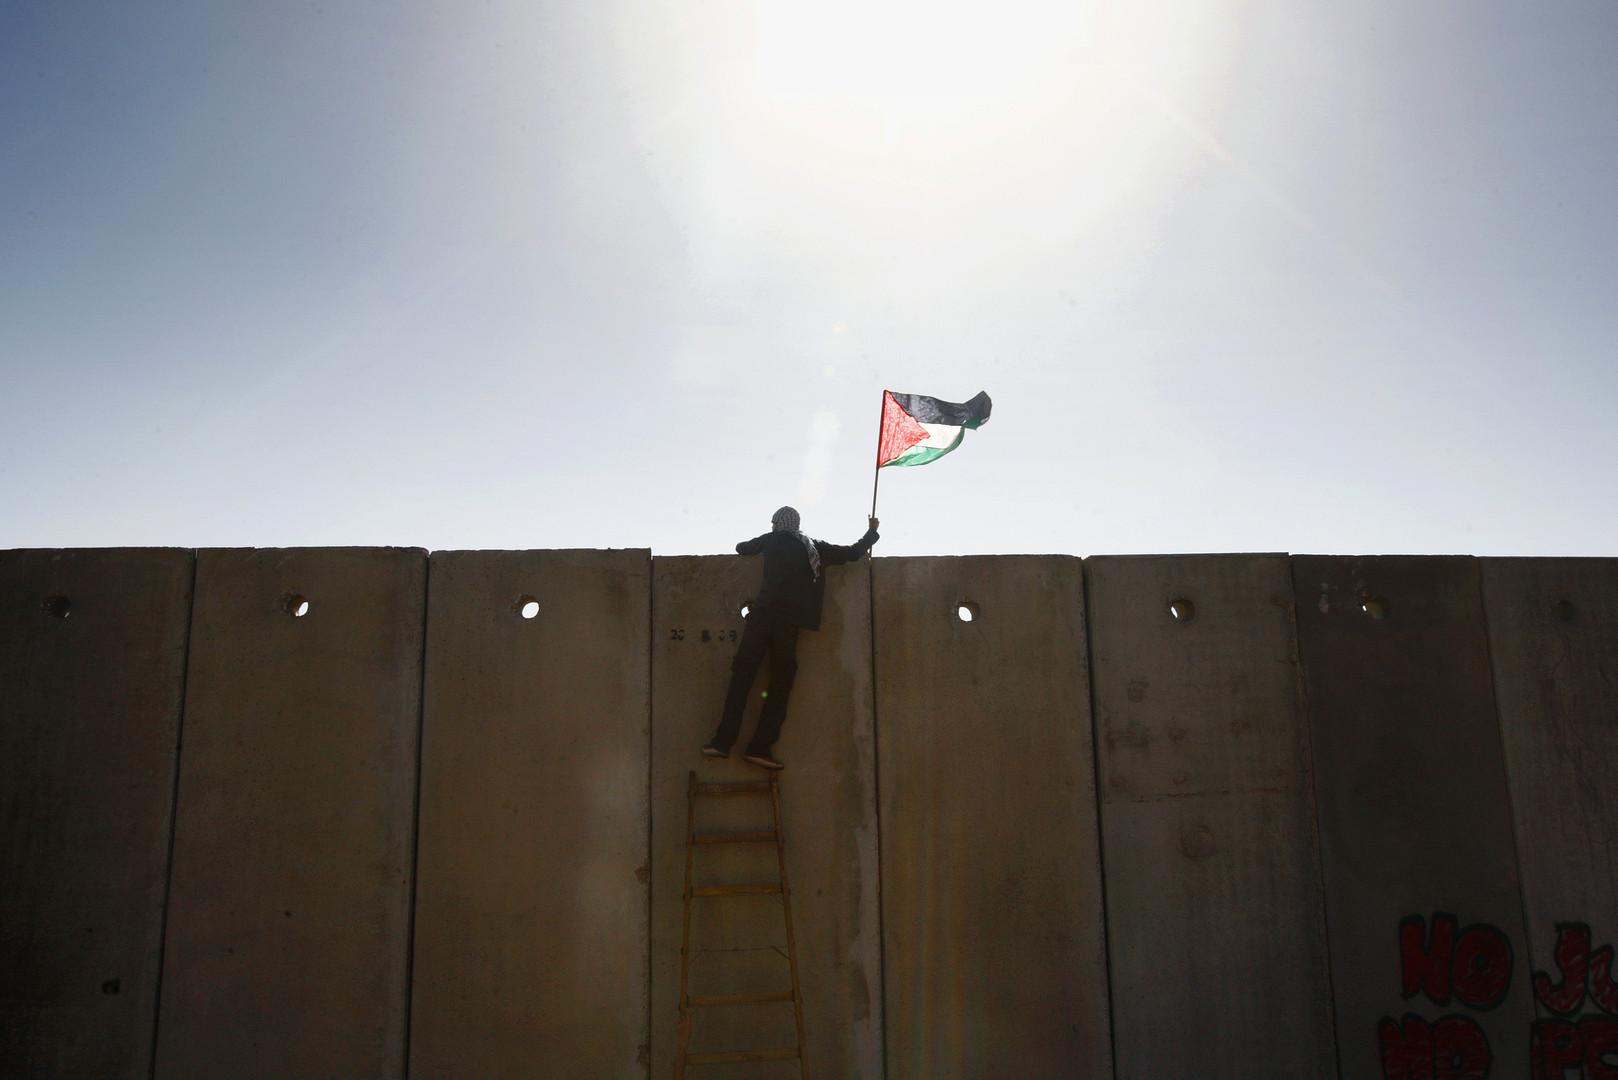 Ein palästinensischer Demonstrant besteigt den israelischen Schutzwall mit der palästinensischen Flagge in der Hand